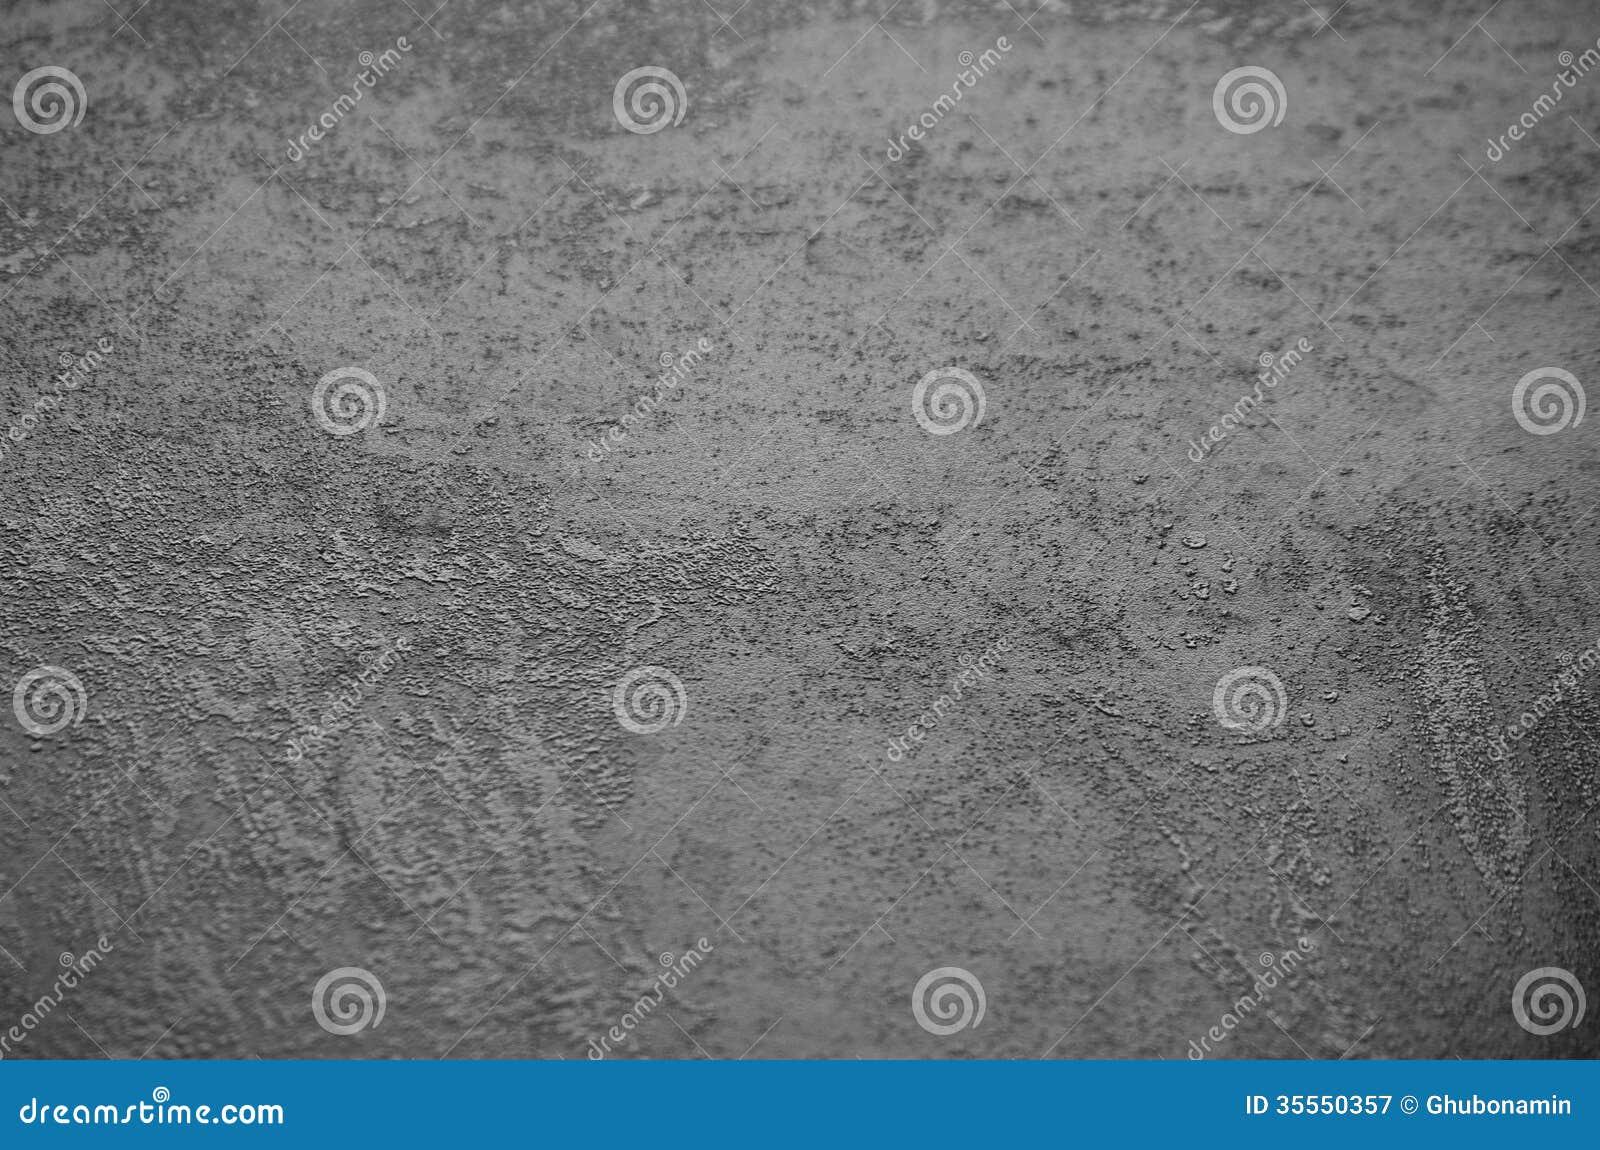 Background texture, dark grey slate